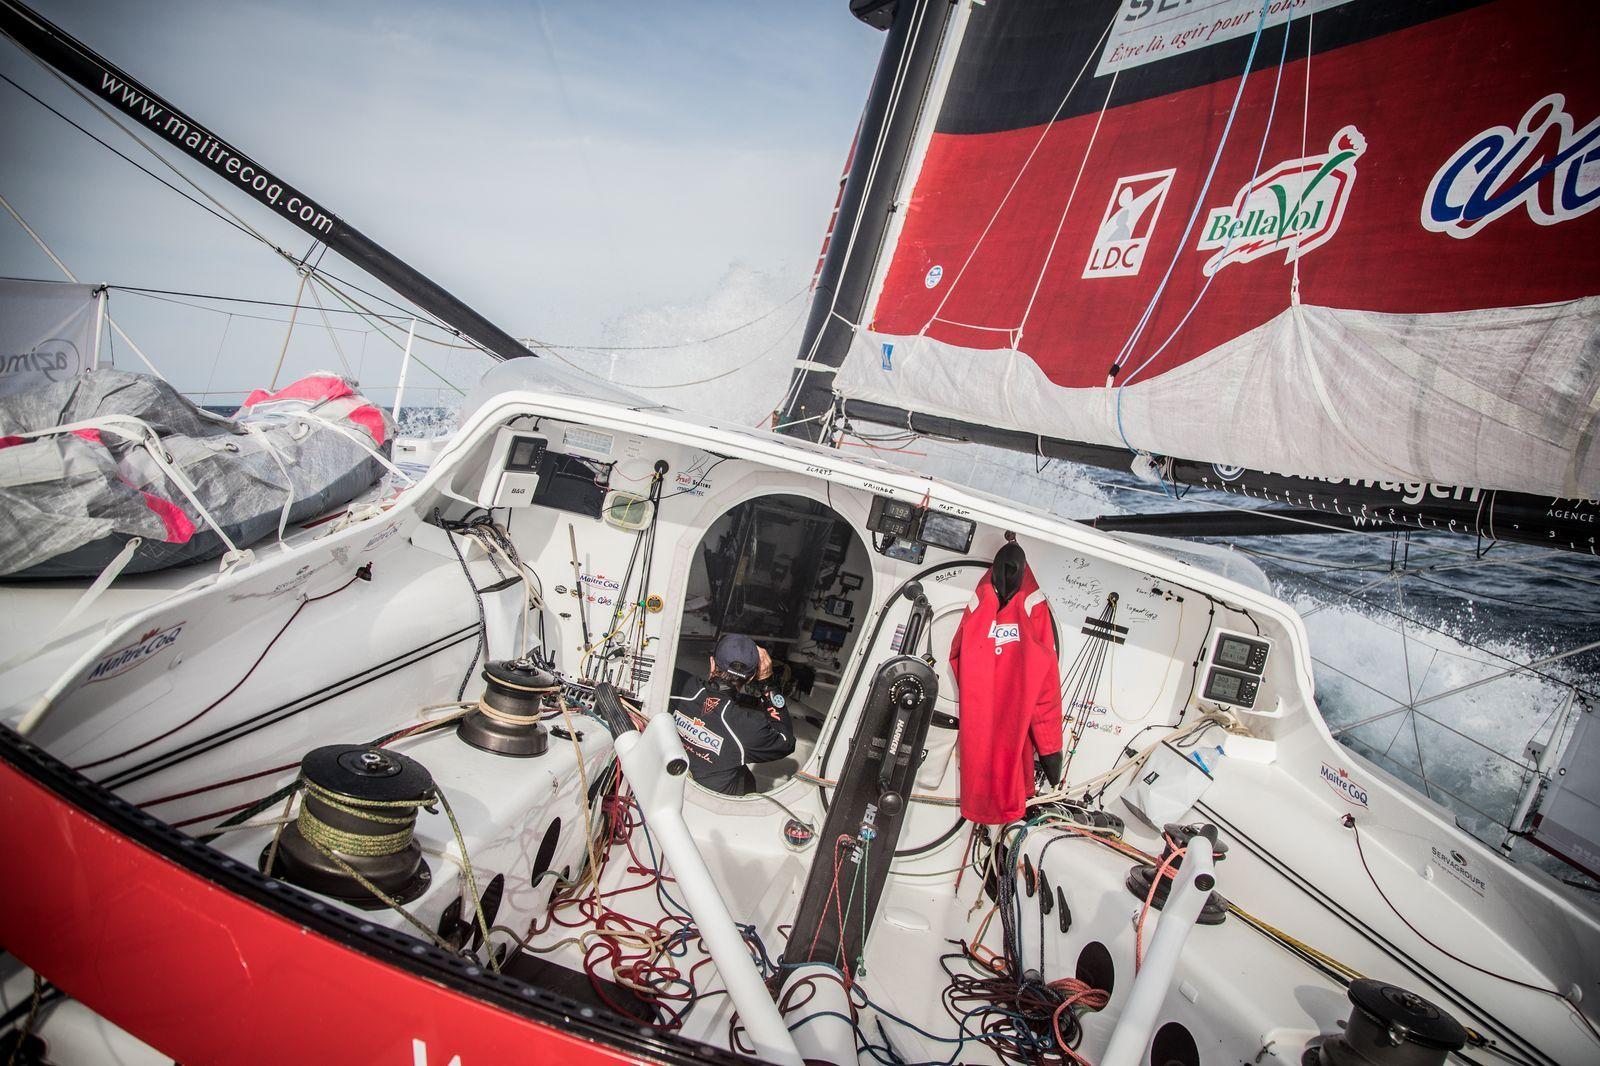 Vendée Globe 2016 - Maître CoQ - Jérémie Beyou : Jérémie Beyou dans le sud. Problèmes de pilotes à bord de Maître CoQ.